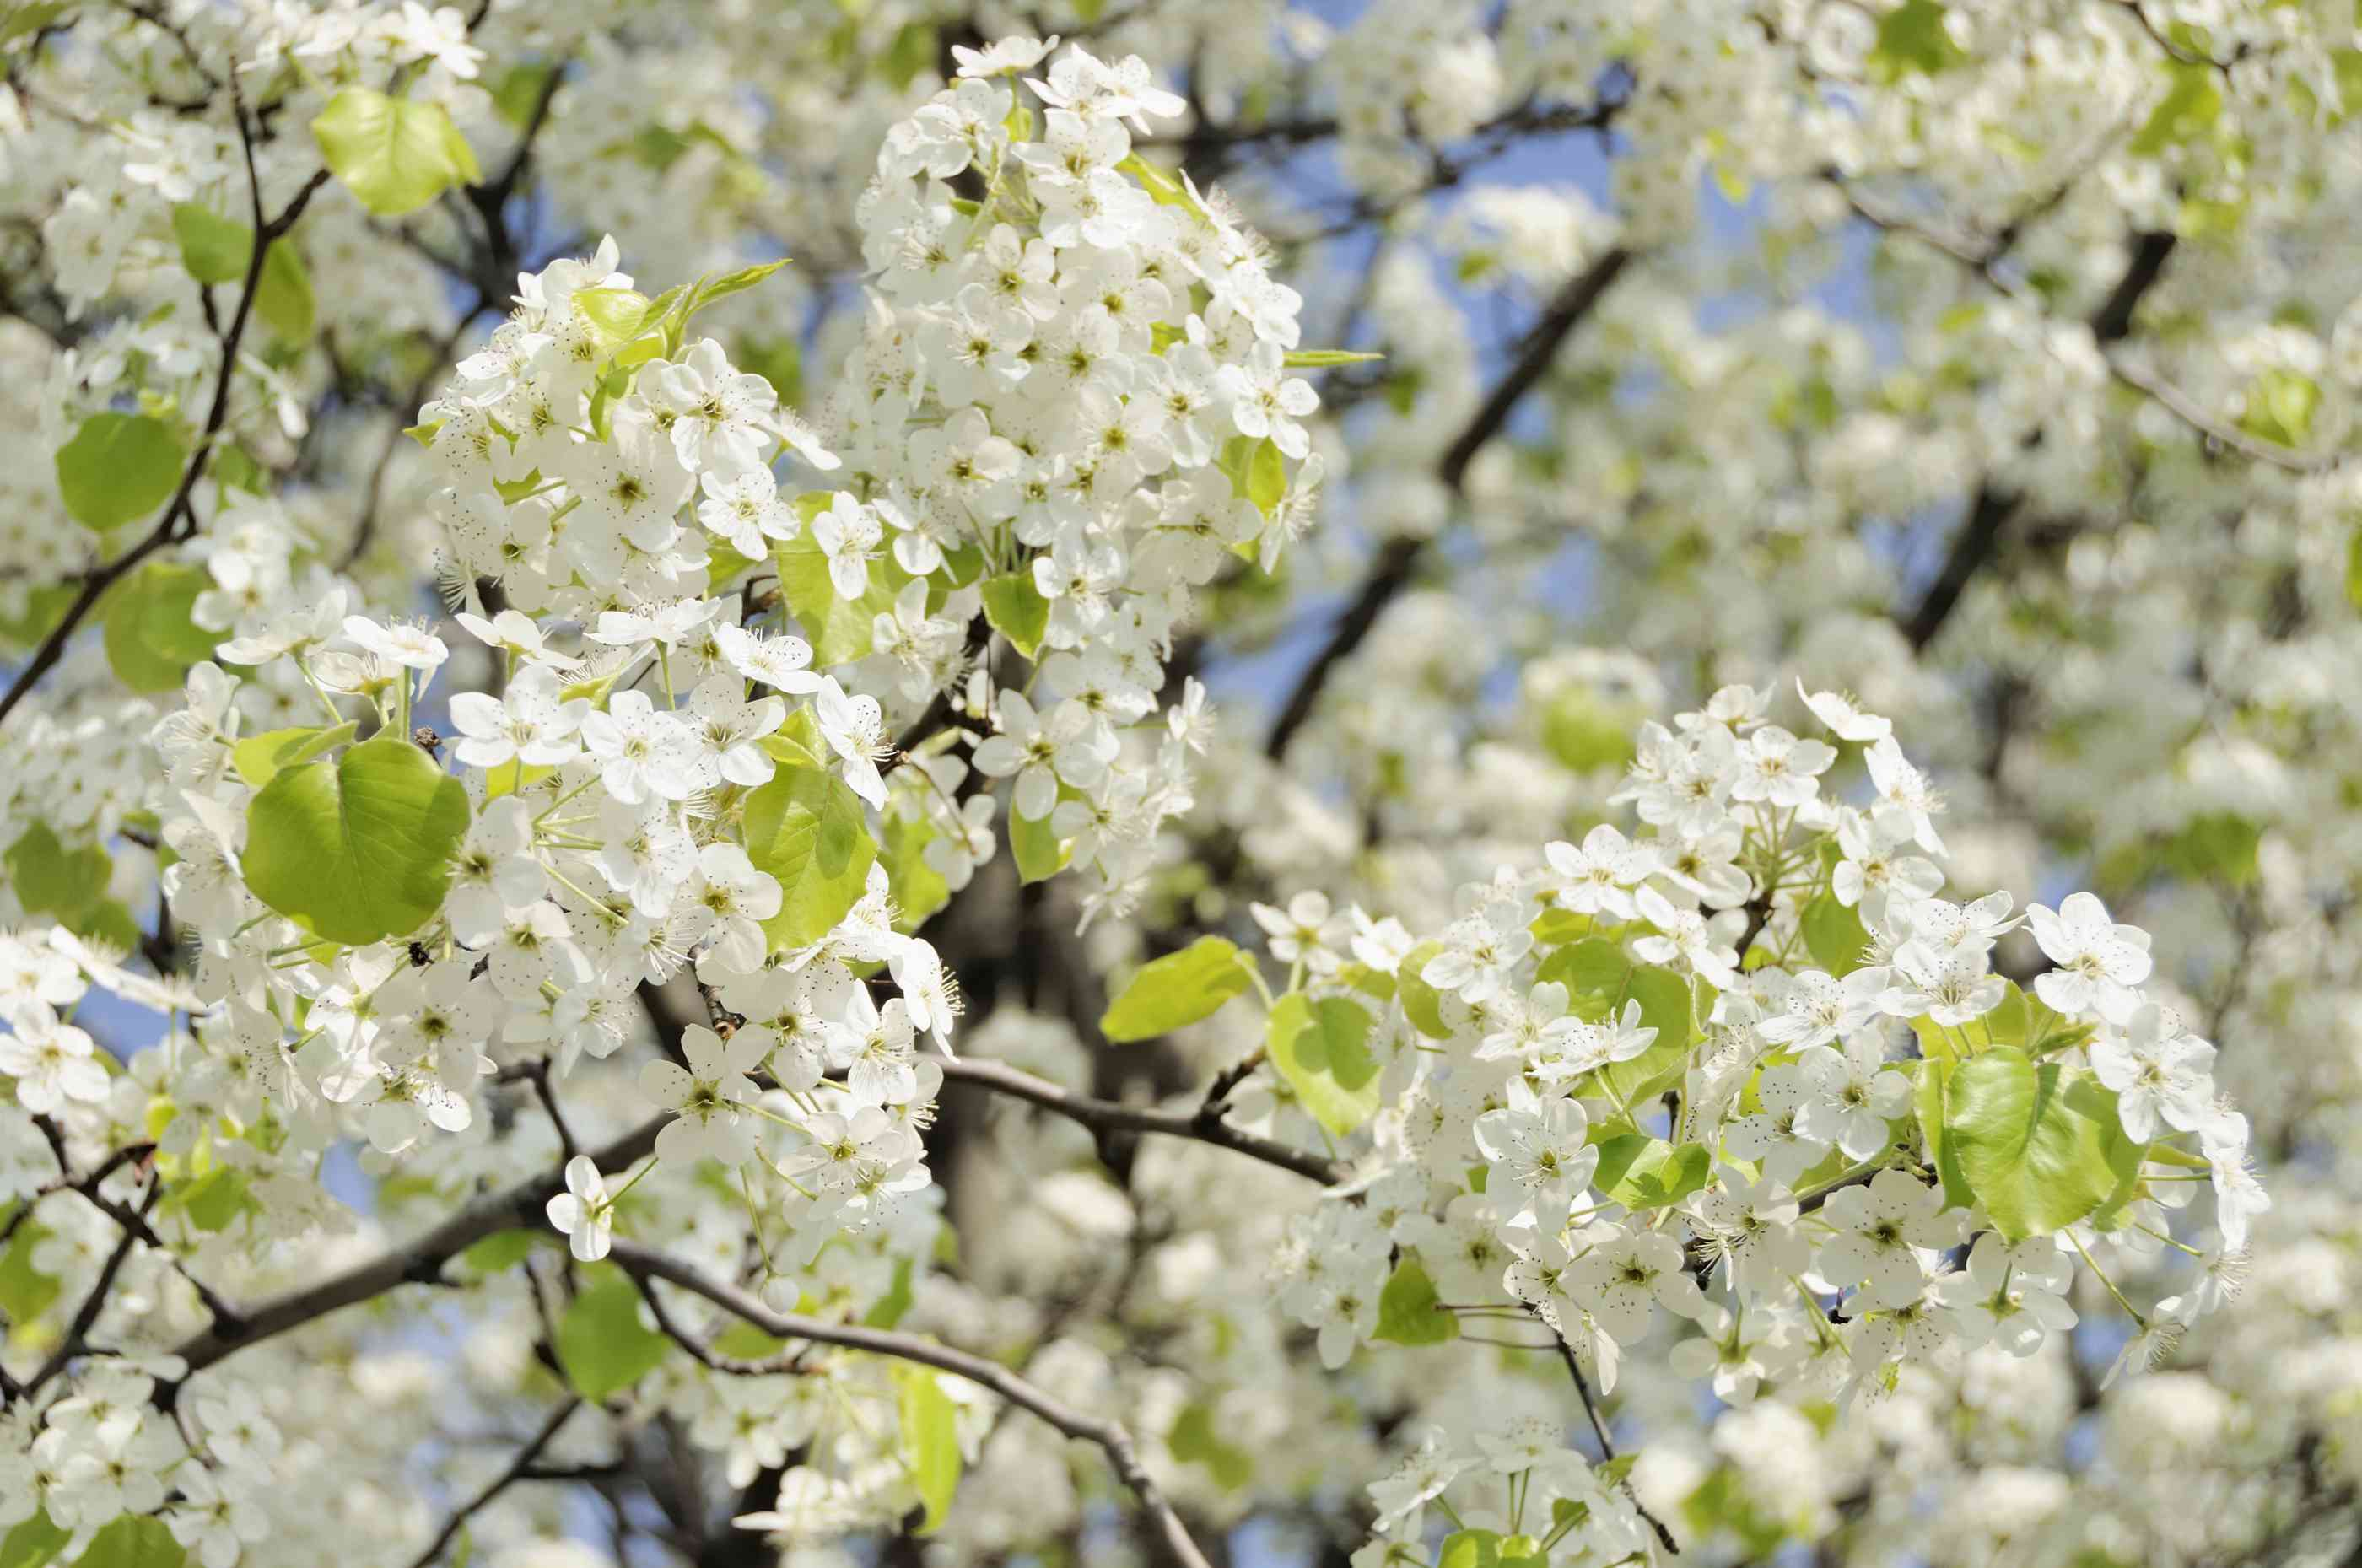 Flores blancas de peral Bradford en primavera. .